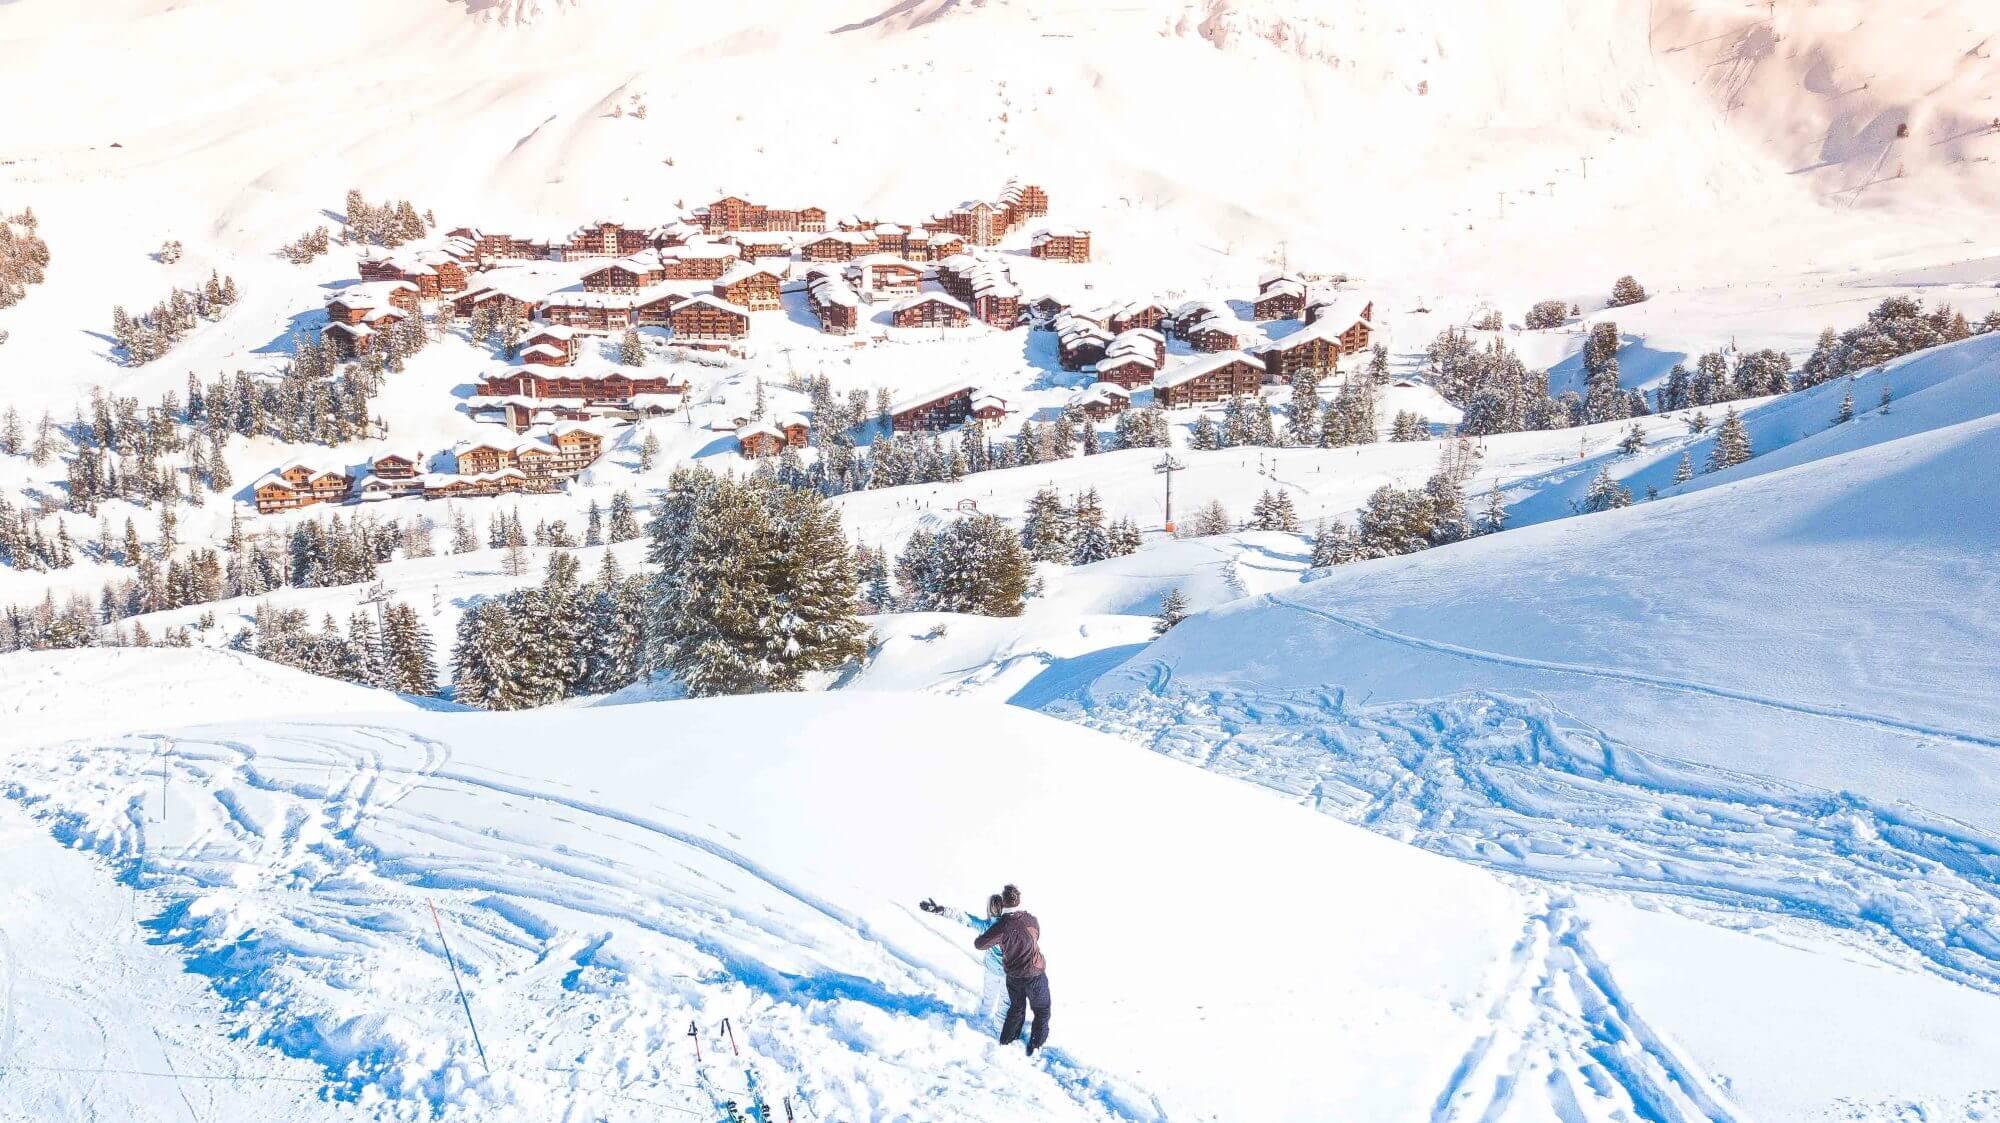 La Plagne : une magnifique station de ski au coeur des Alpes